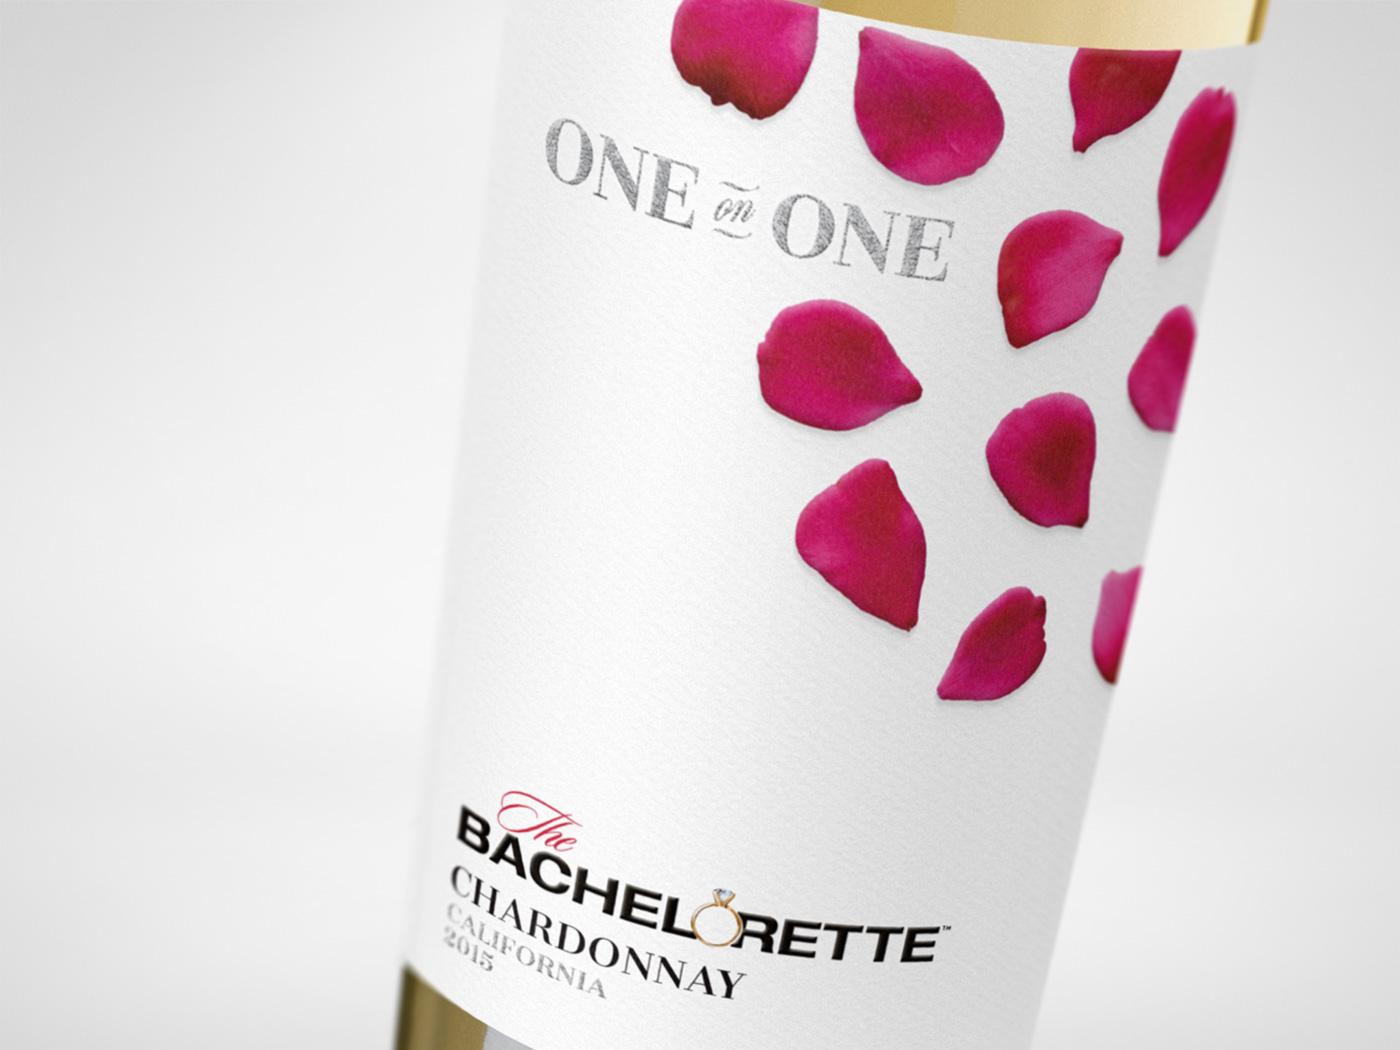 Bachelor Wines - Bachelorette One On One Closeup